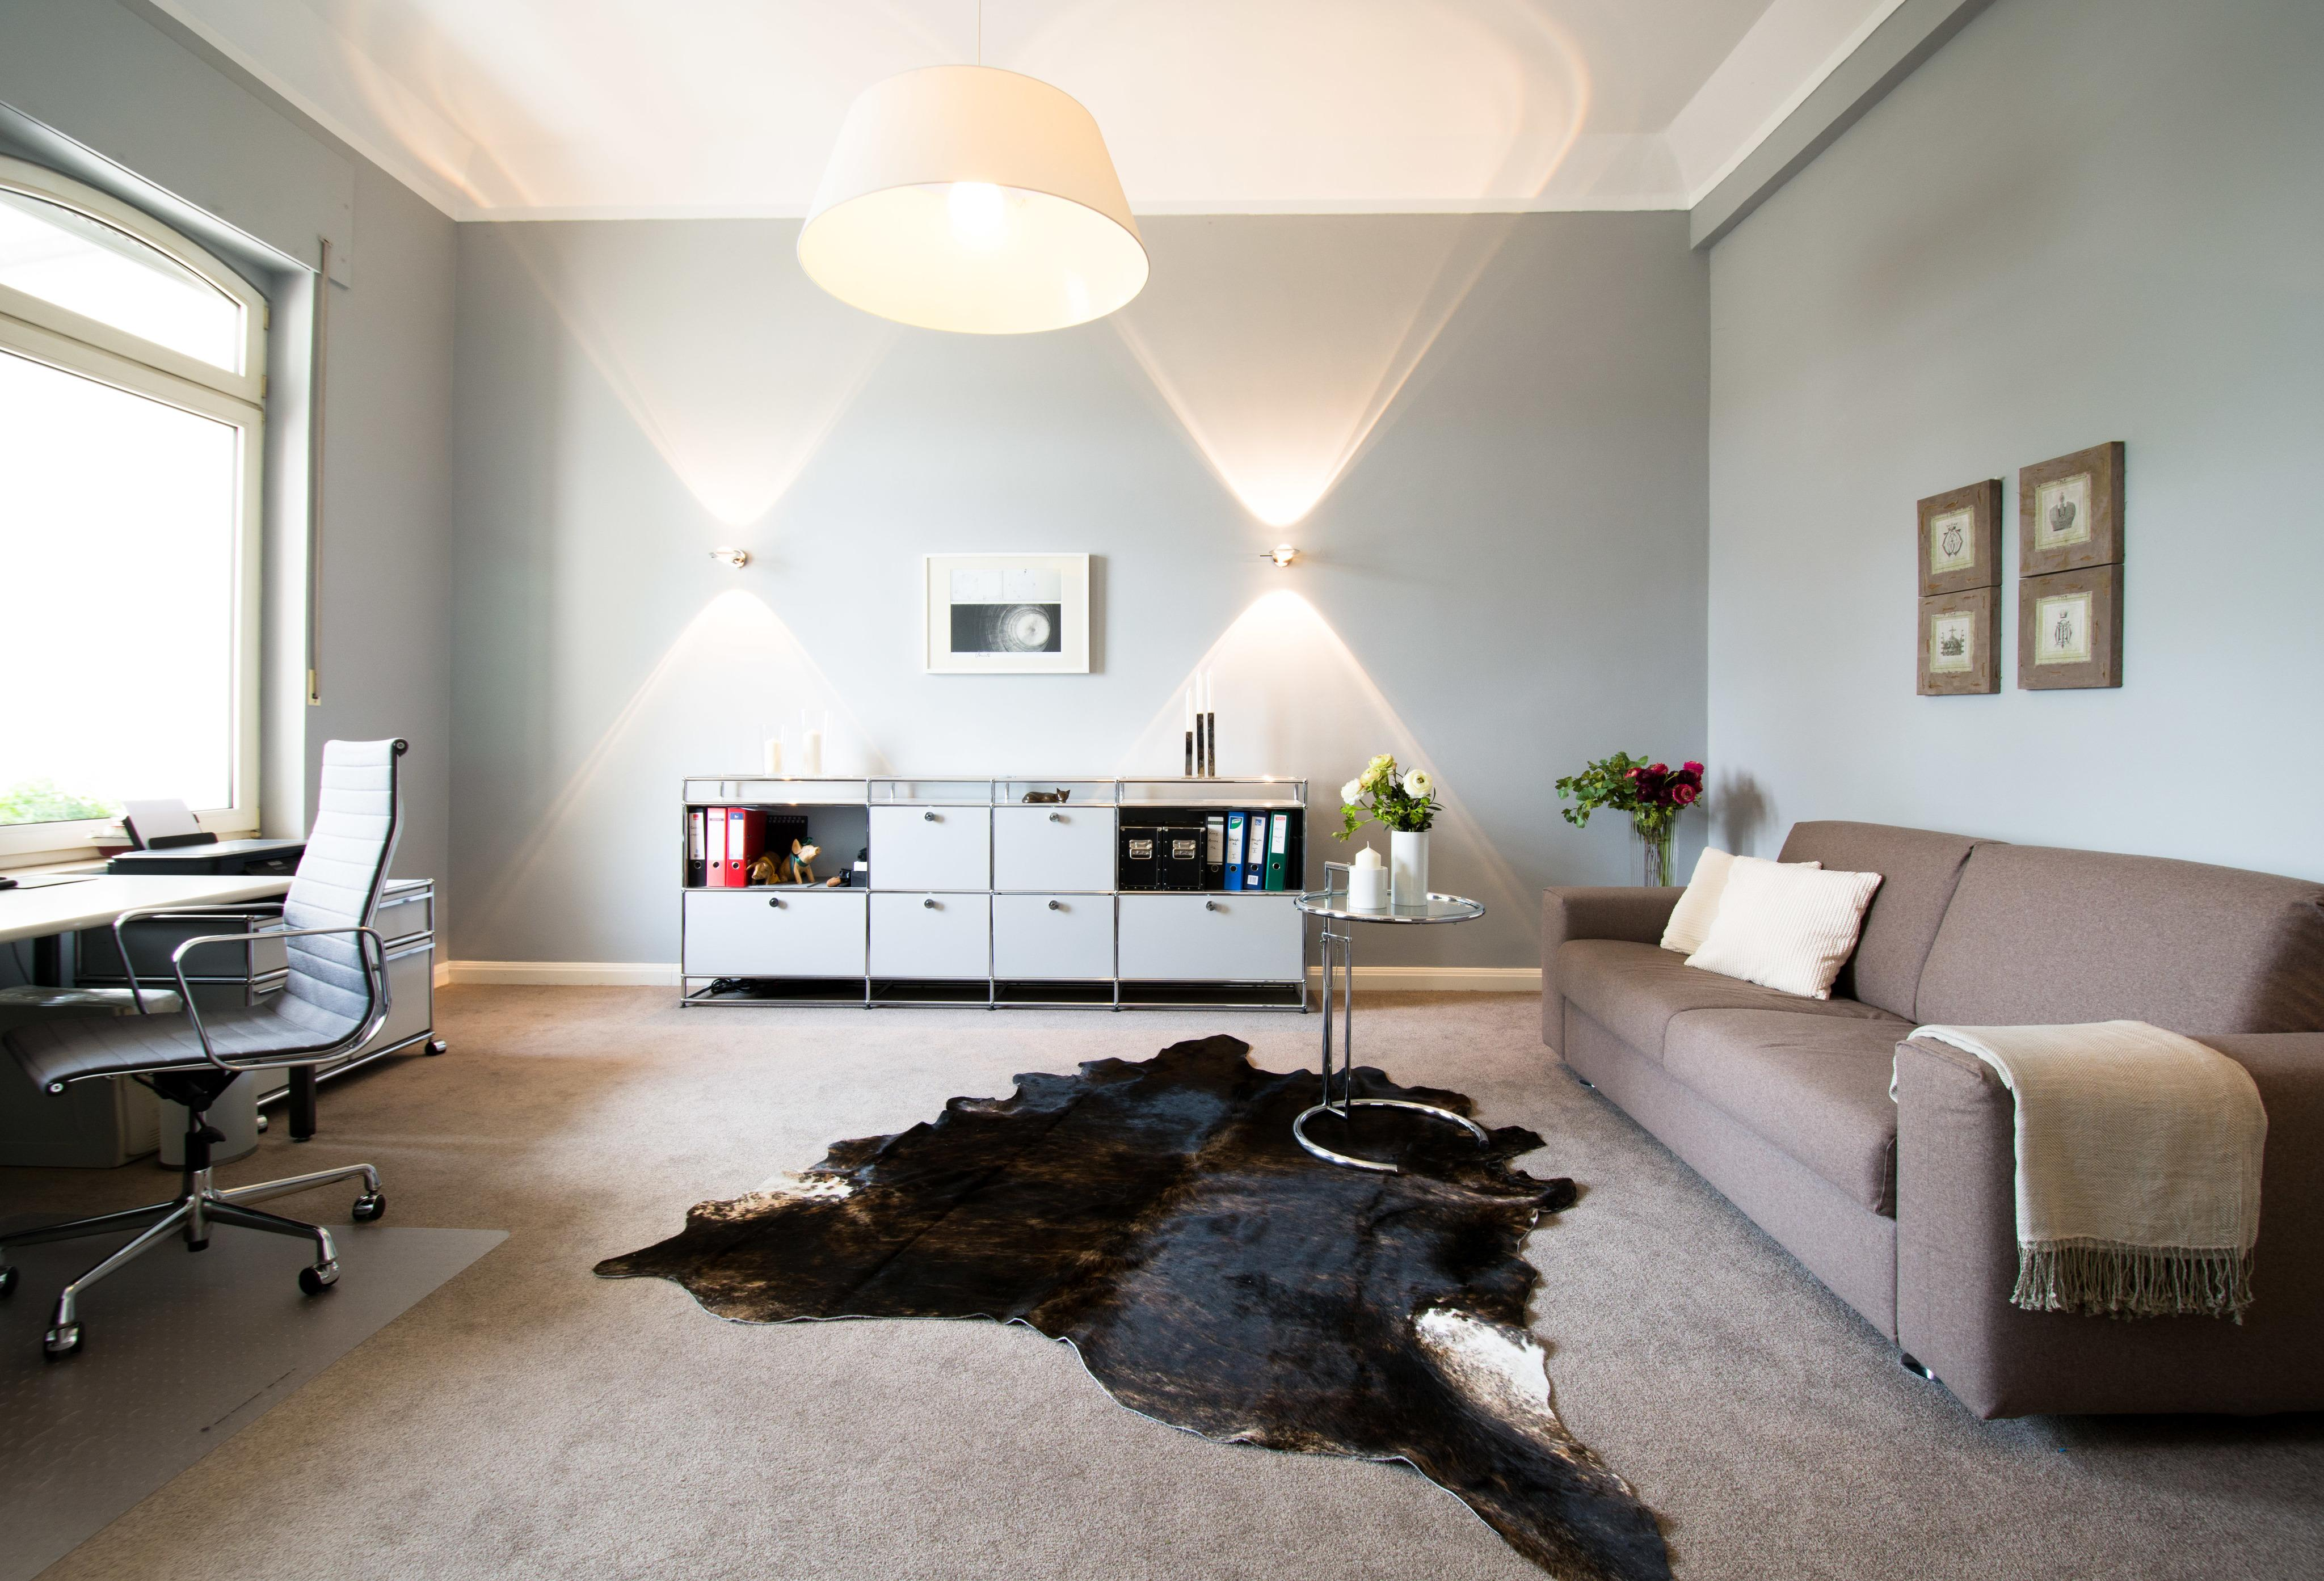 Deckenstrahler U2022 Bilder U0026 Ideen U2022 Couchstyle, Wohnzimmer